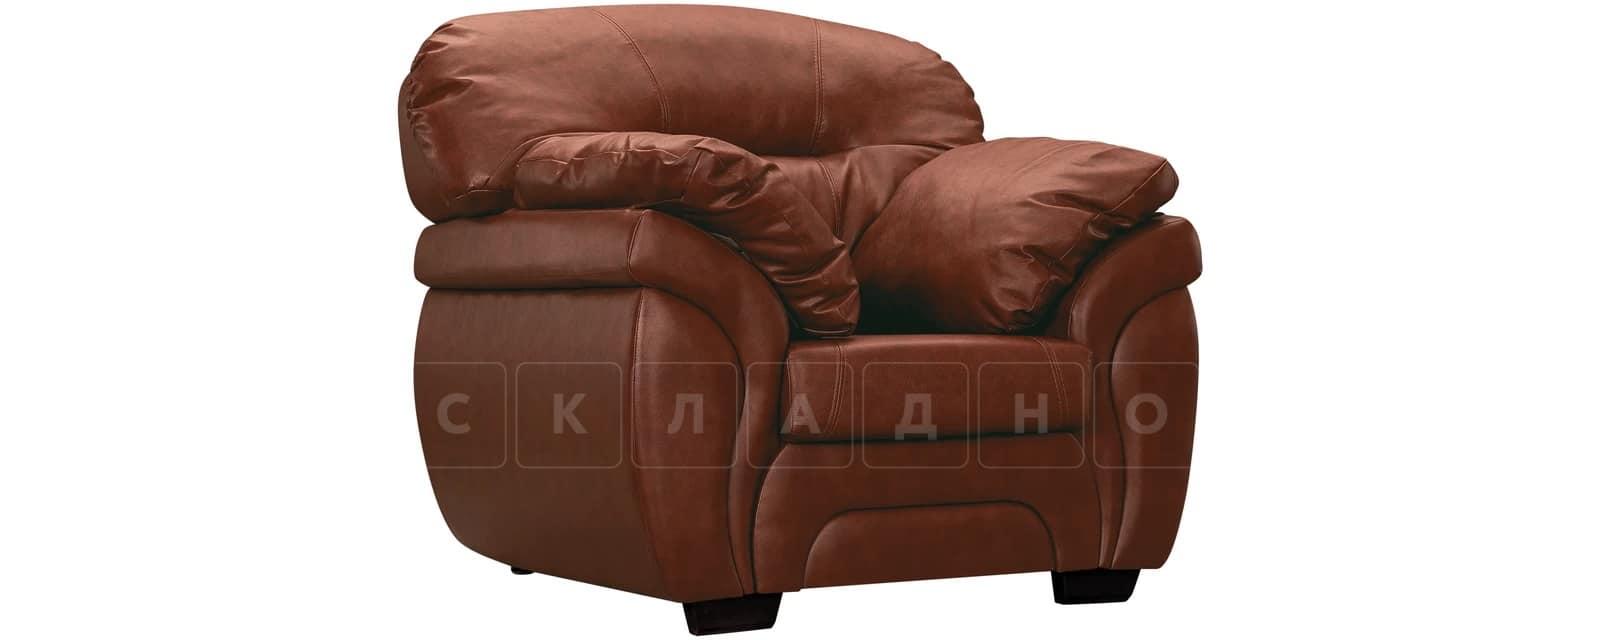 Кресло Бристоль кожаное коричневого цвета фото 1 | интернет-магазин Складно